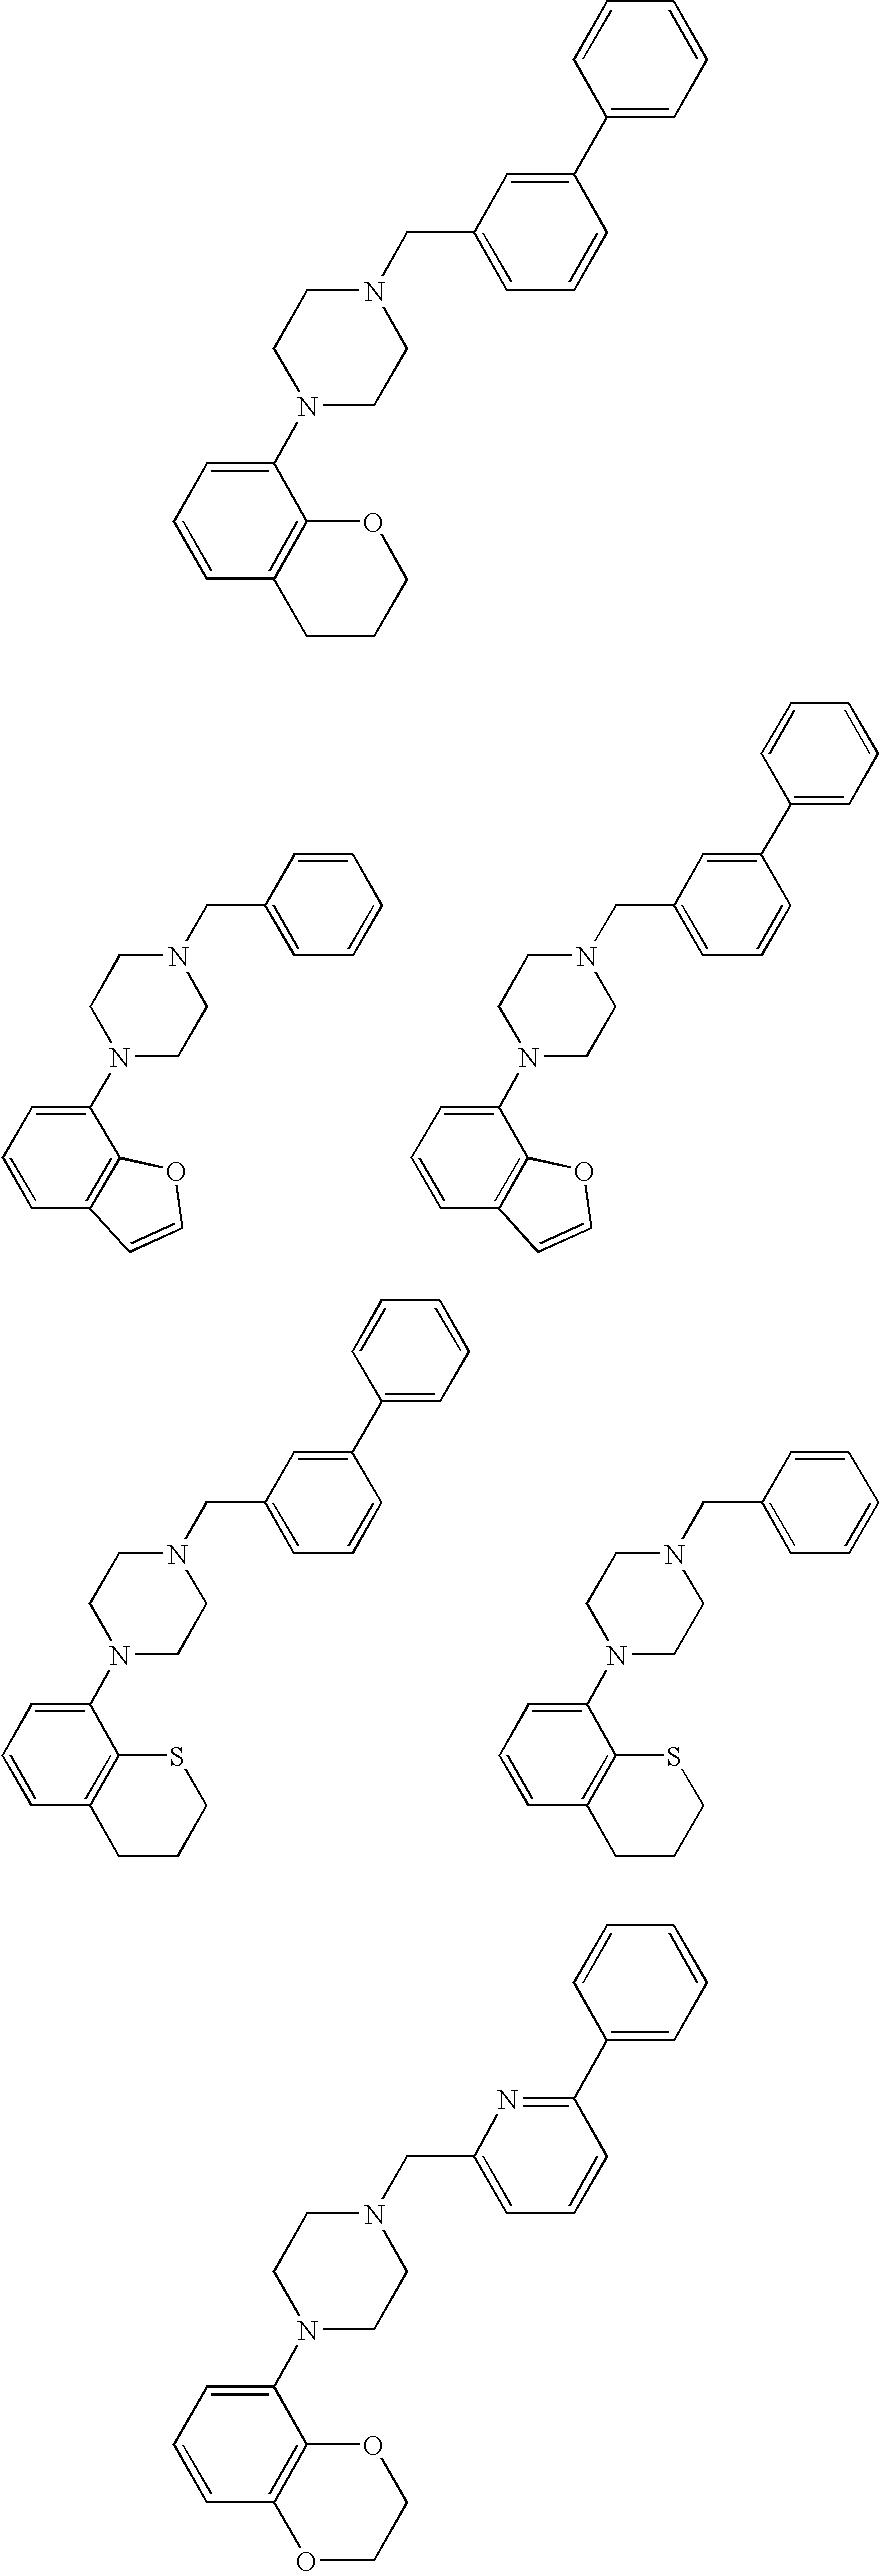 Figure US20100009983A1-20100114-C00162